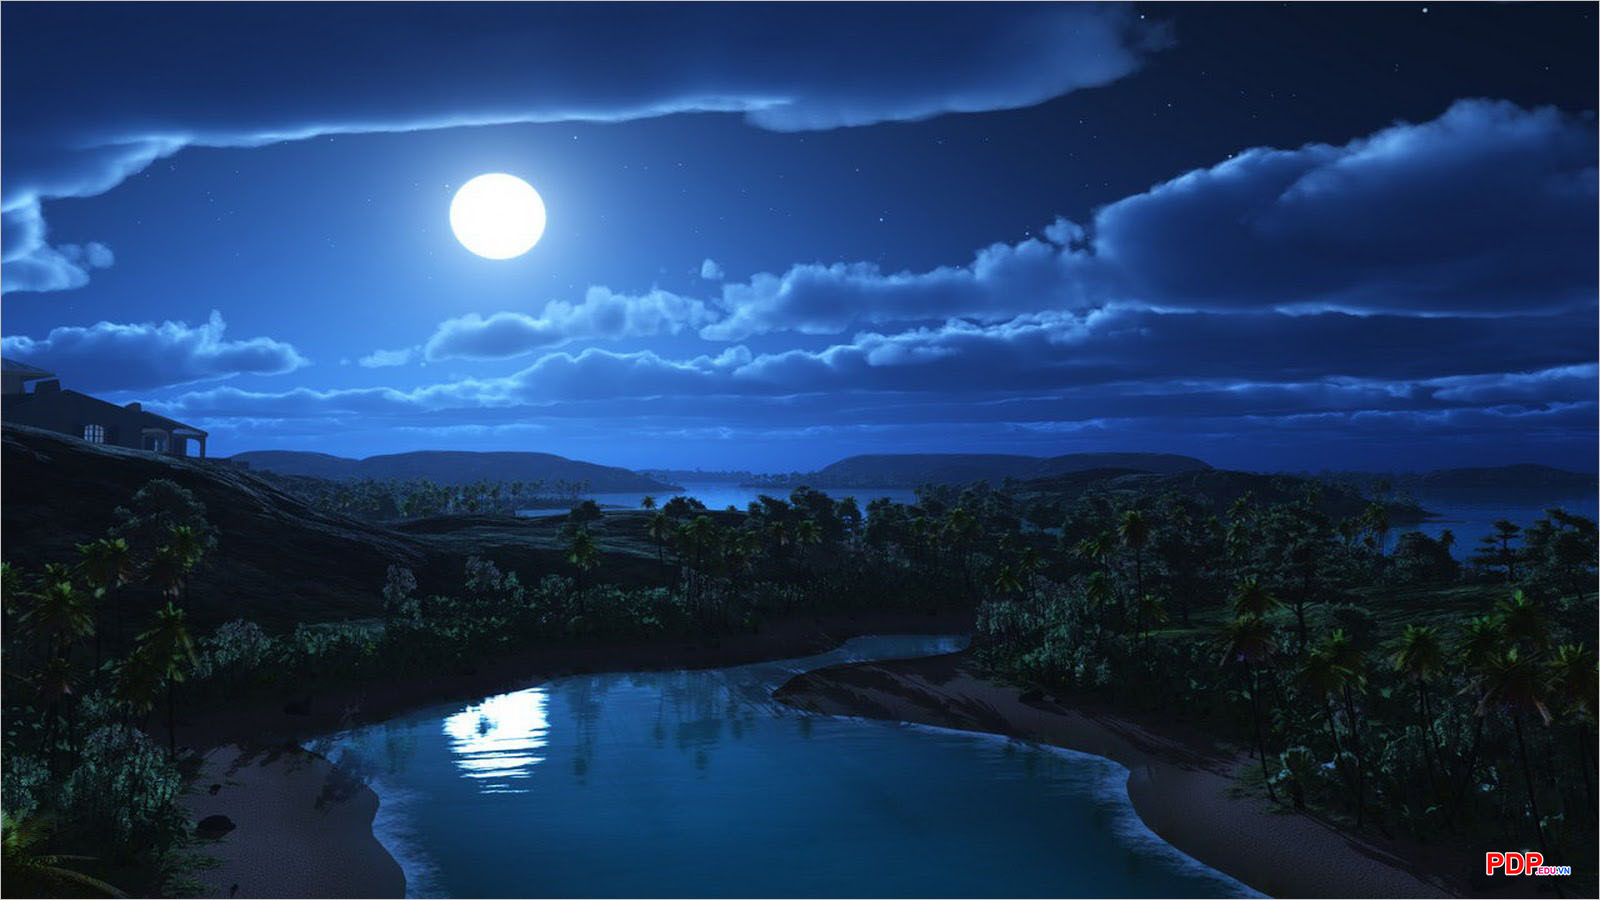 Hình ảnh mặt trăng đẹp, buồn, độc đáo nhất